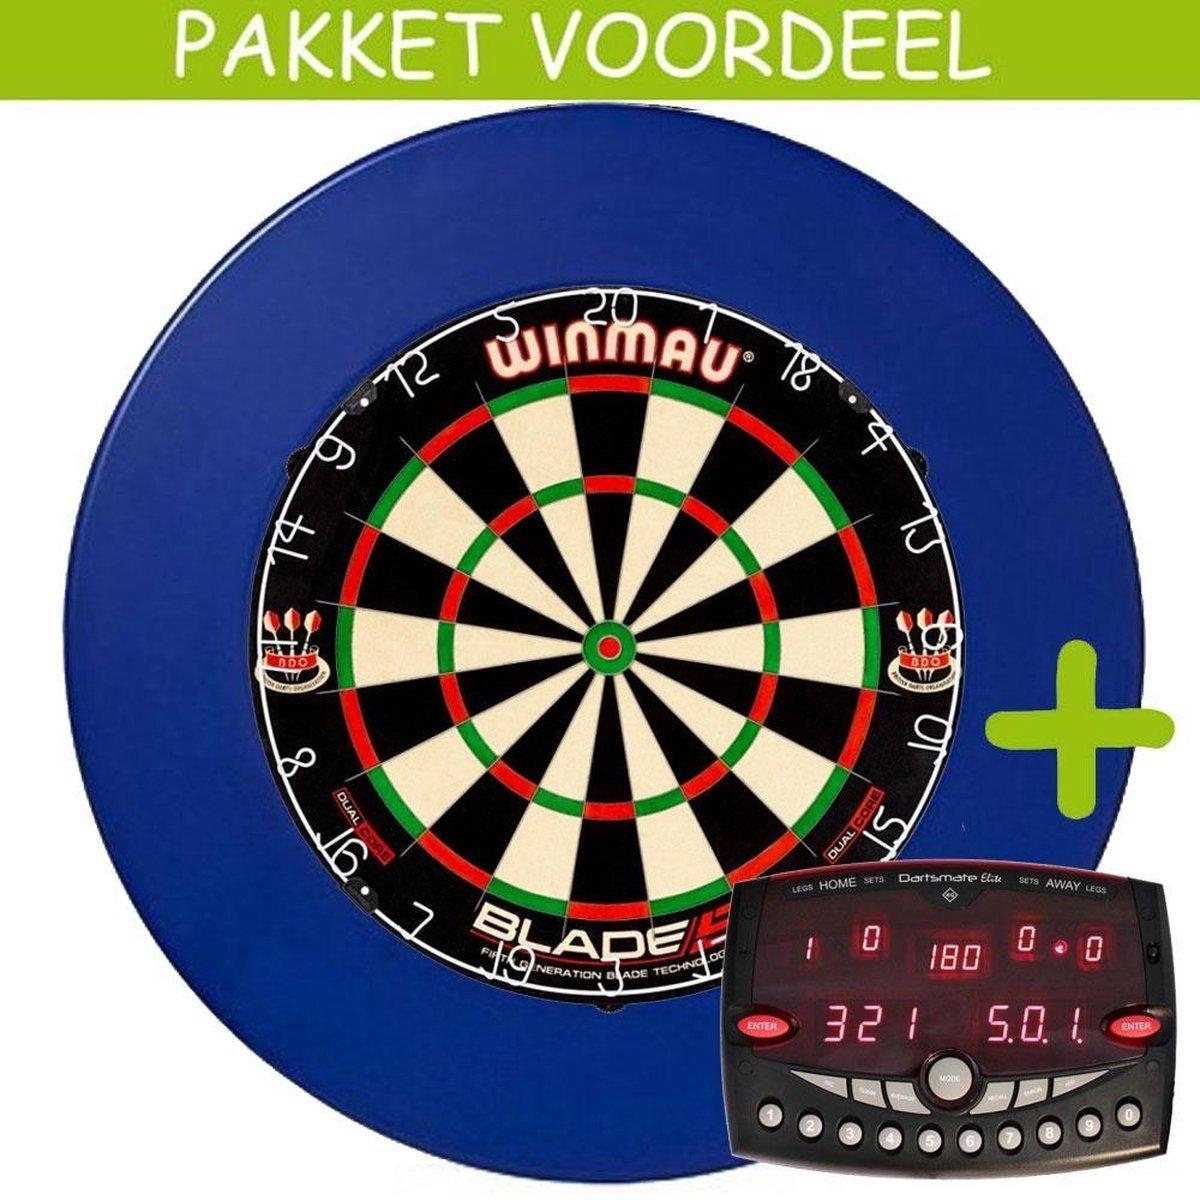 Elektronisch Dart Scorebord VoordeelPakket (Elite ) - Dual Core - Rubberen Surround (Blauw)